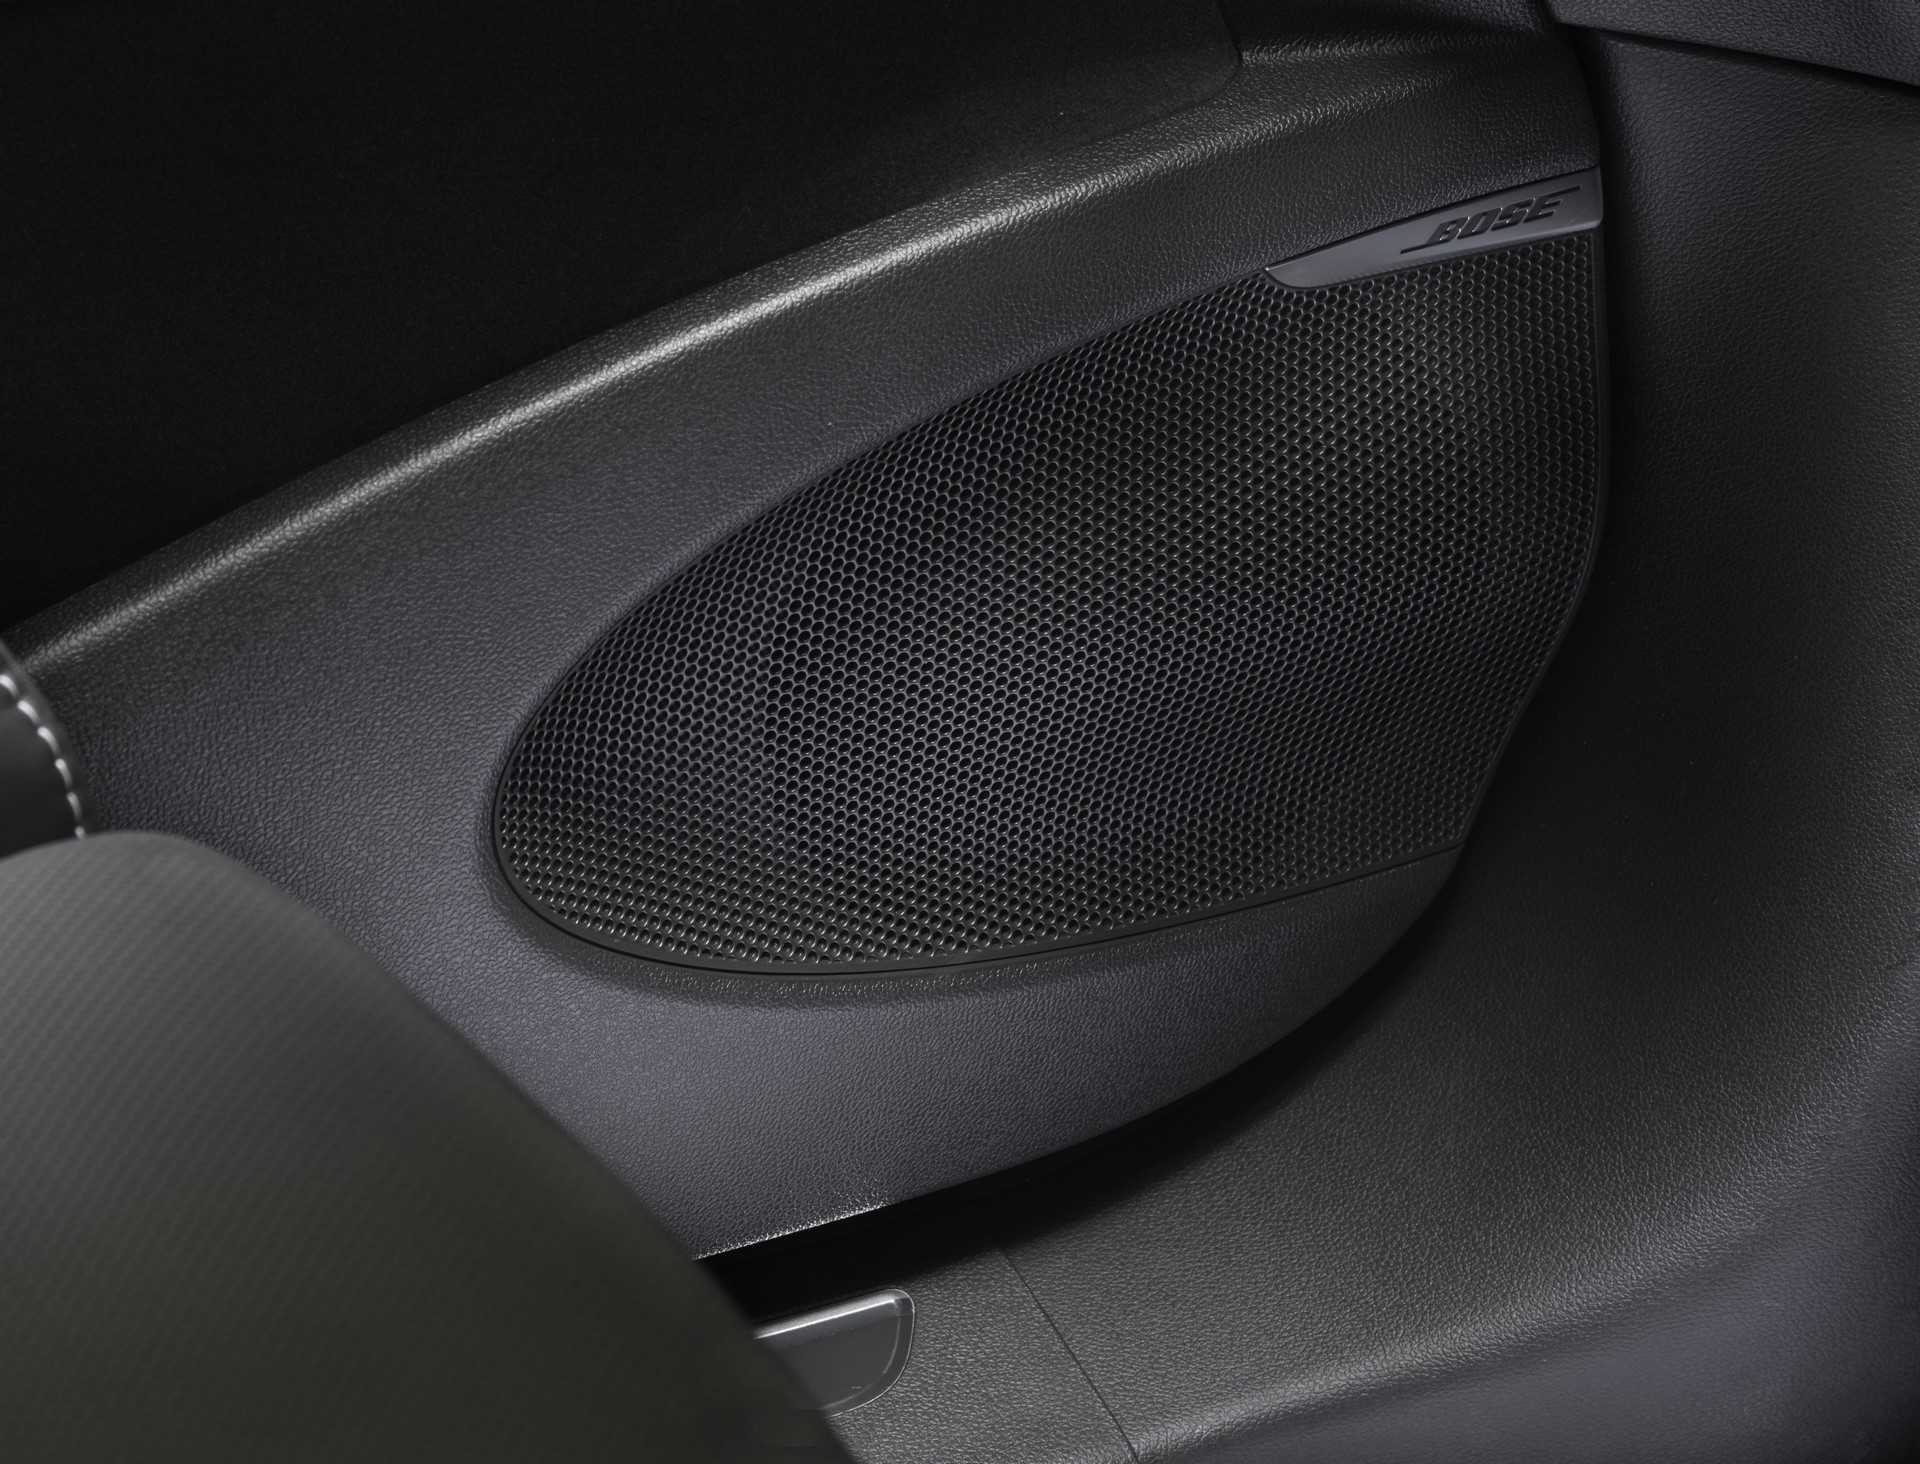 Renault_93186_global_en